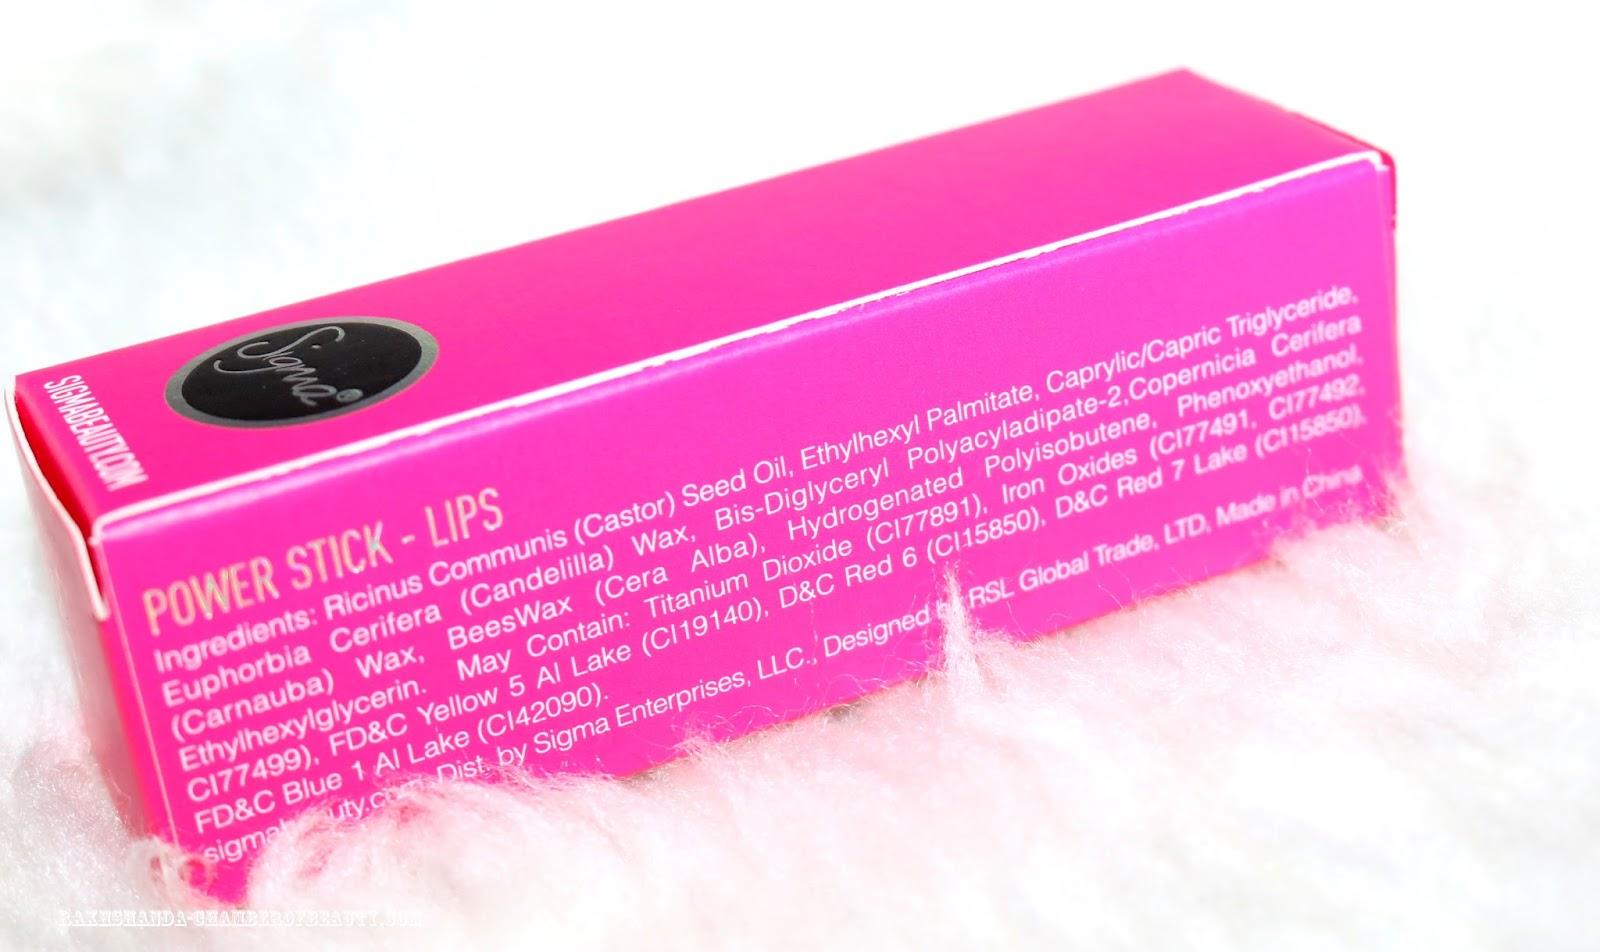 Sigma Beauty lipstick, Power Stick, Sigma Pink, review, Sigma Pink review & swatches, Sigma India,